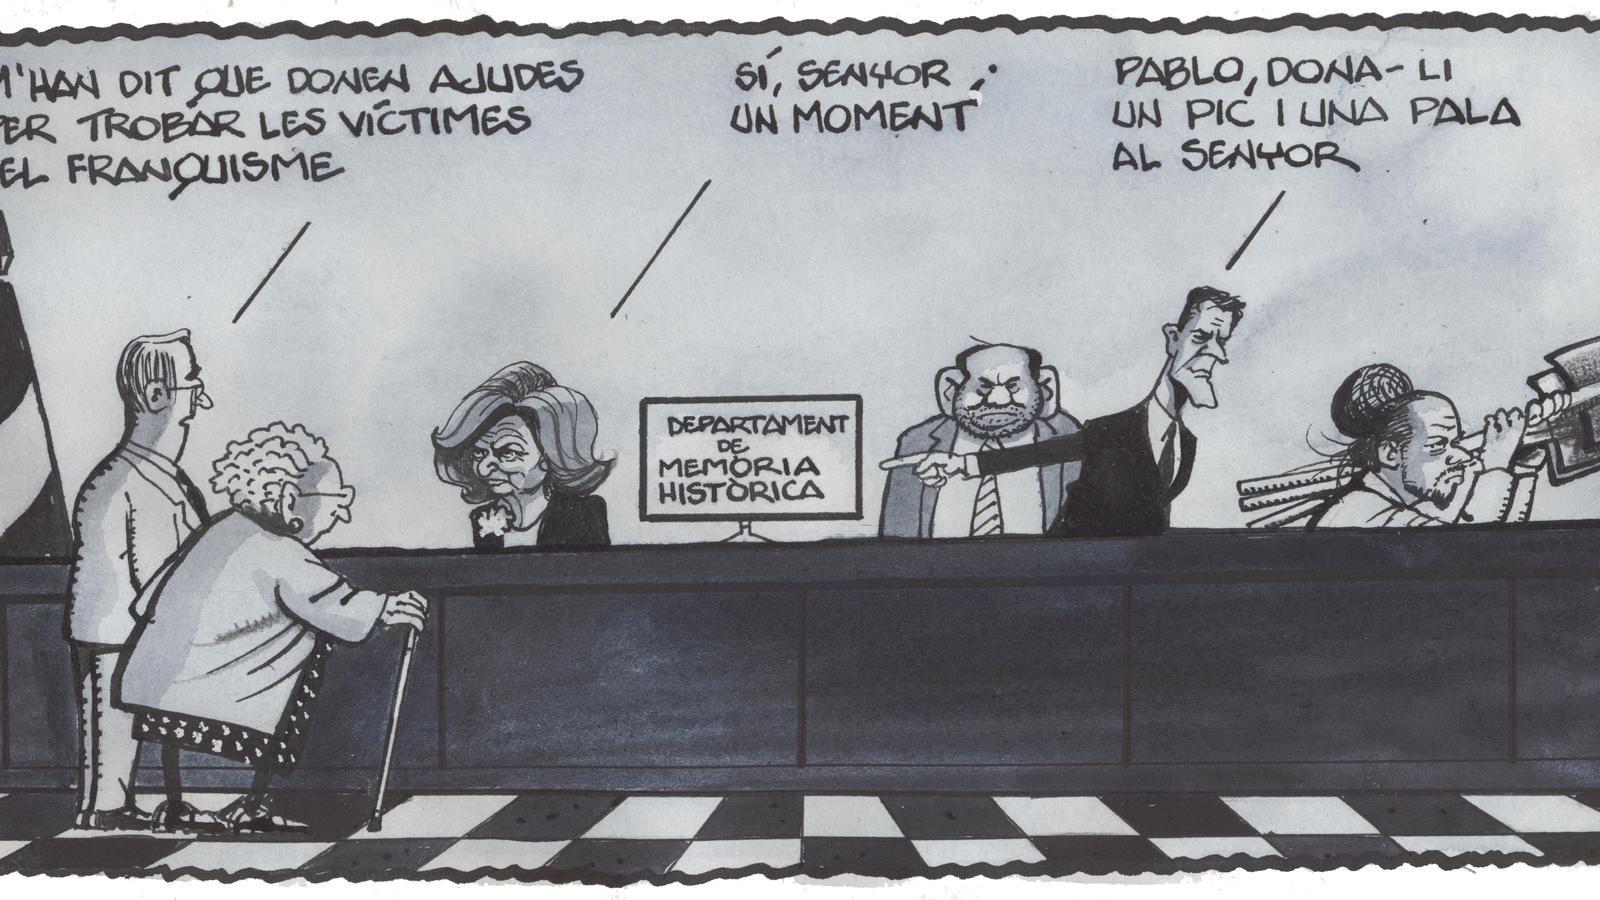 'A la contra', per Ferreres 21/09/2020